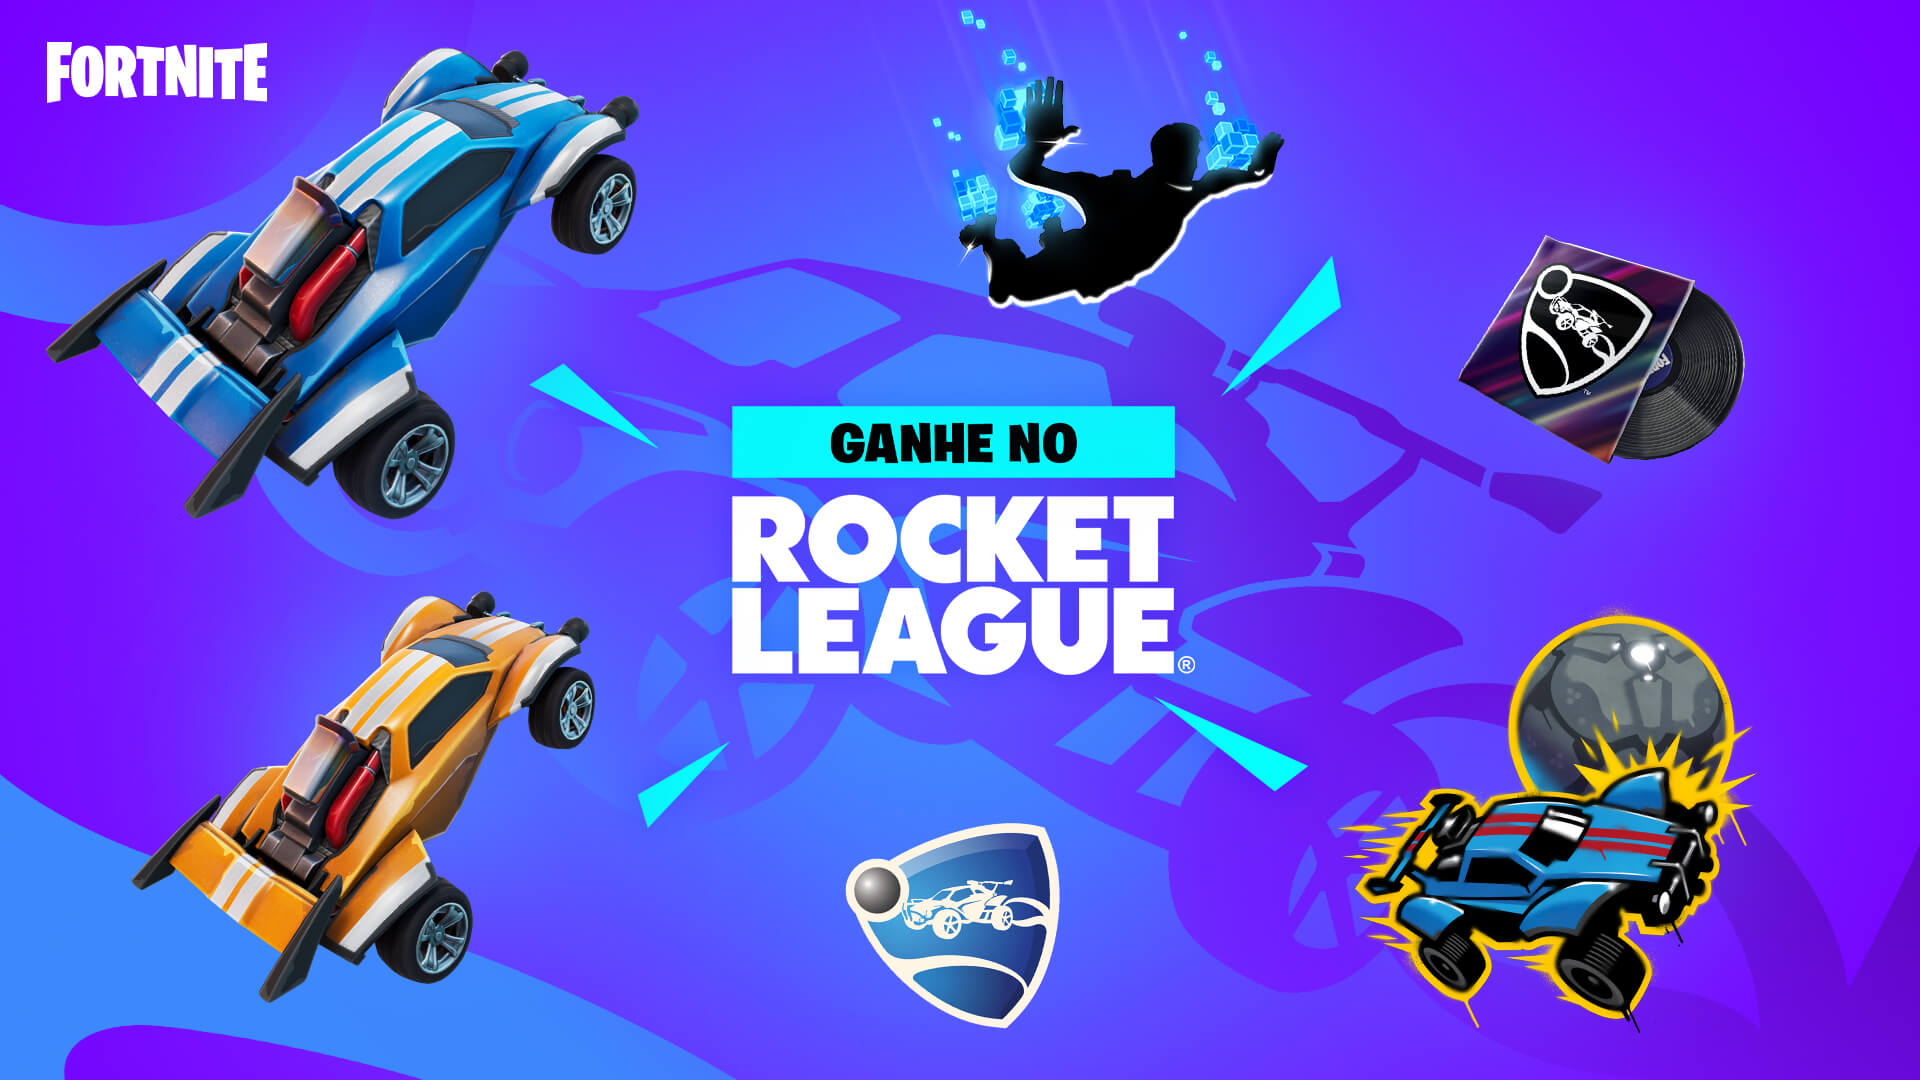 PT BR Rocket League Fortnite Challenges And Rewards